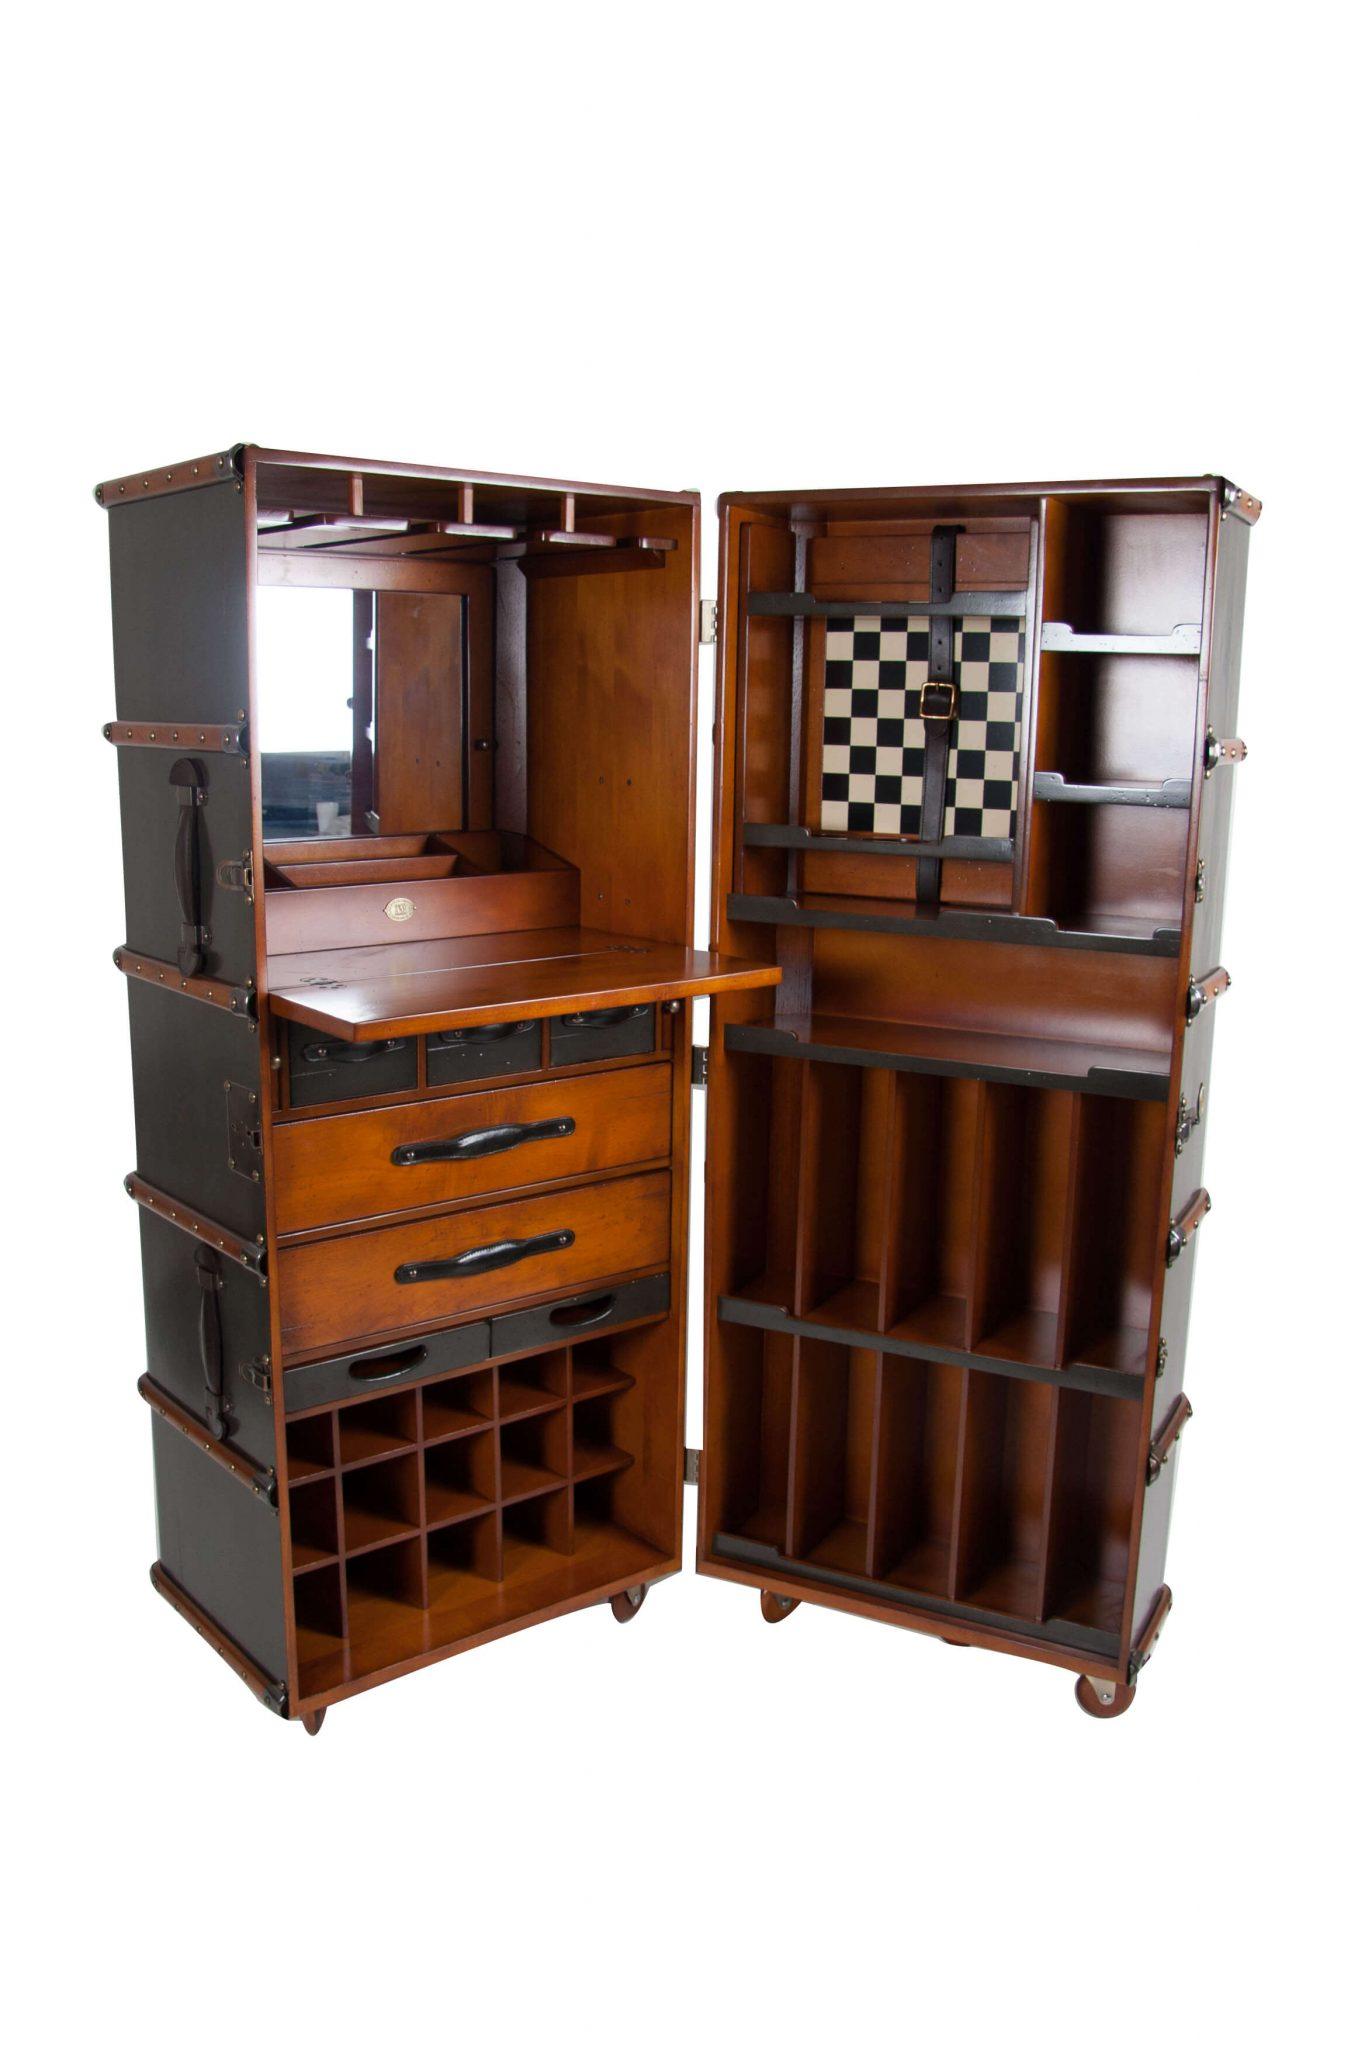 Vendita Mobili Stile Vecchia America oggettistica stile marina, lampade, mobili in stile marina e